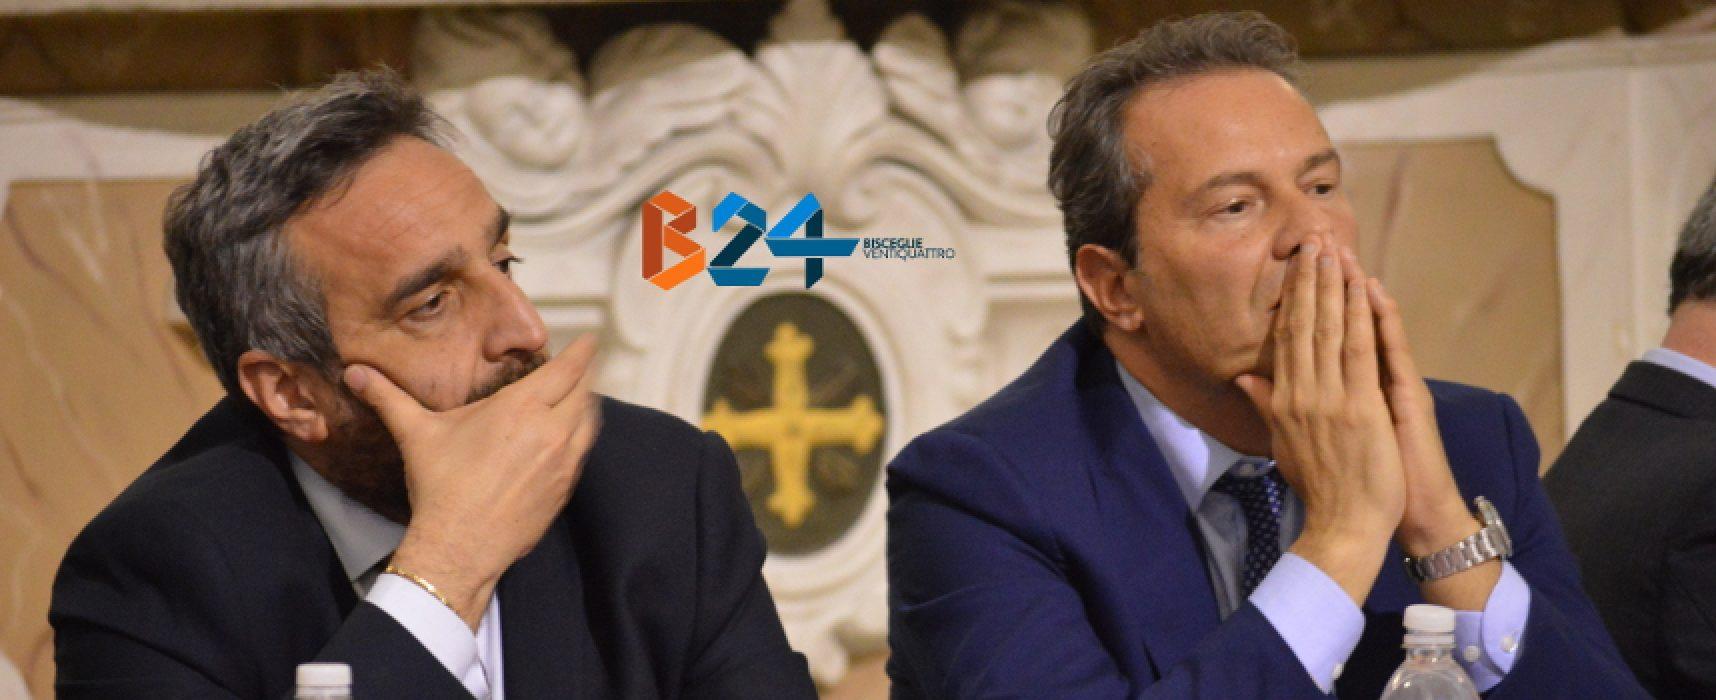 """Amministrative 2018, Spina: """"Candidato sindaco del Pd è Fata, ma solo con larga convergenza"""""""